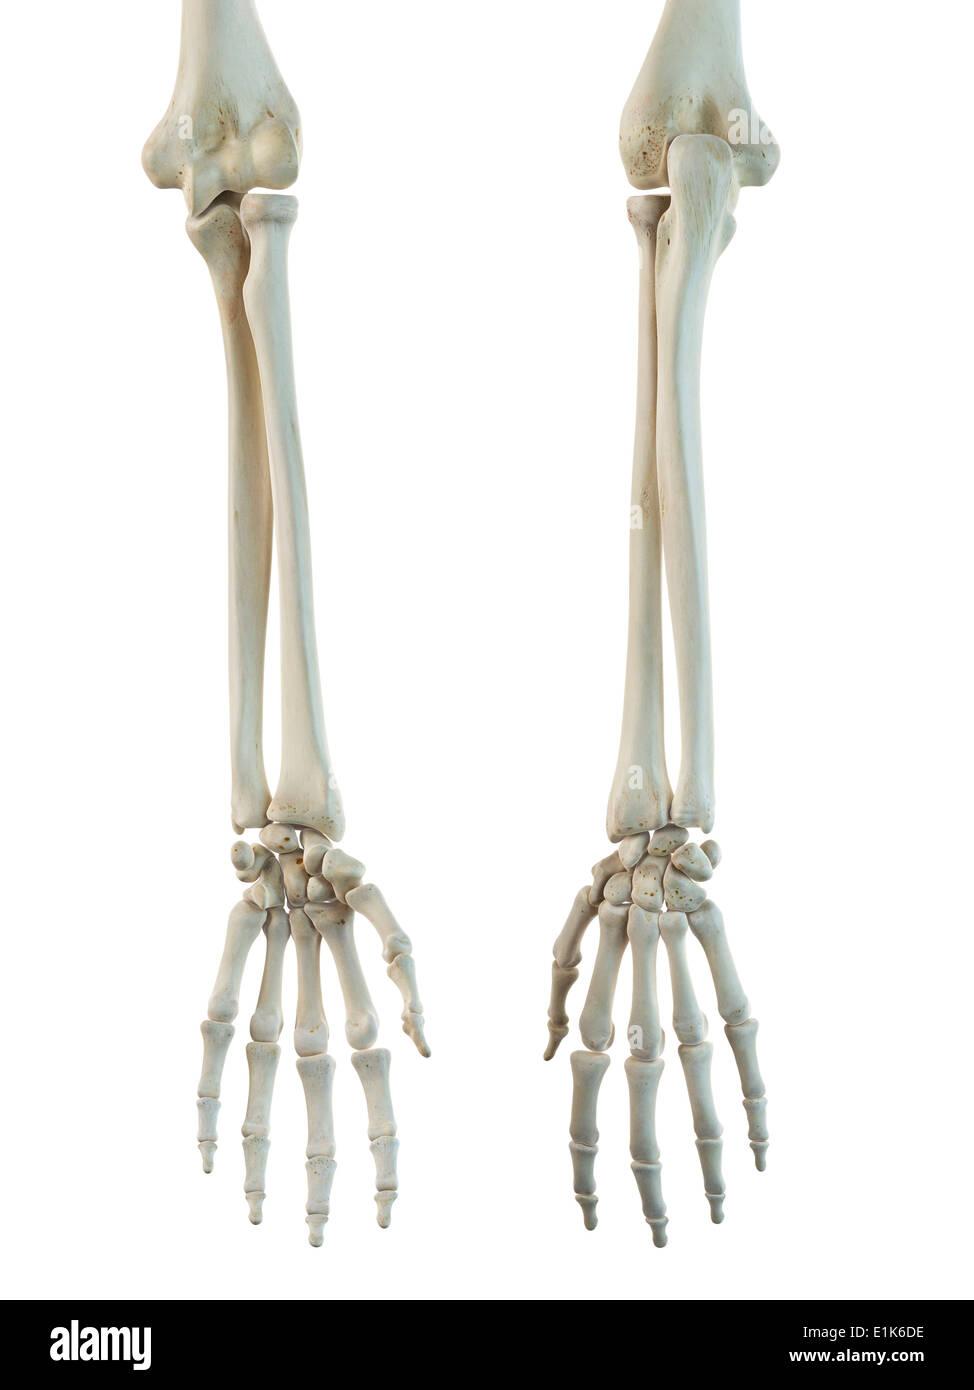 Menschliche Knochen in die Arme und Hände Computer-Grafik Stockfoto ...